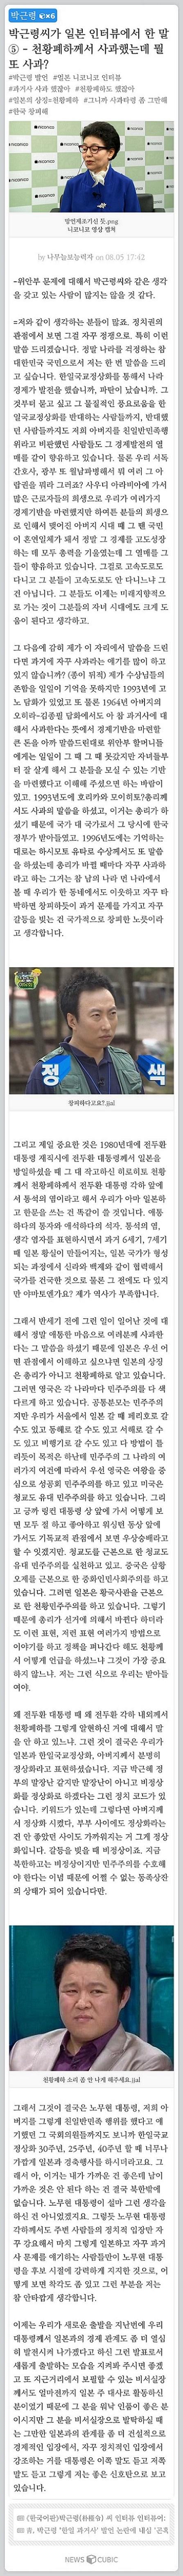 [오늘의 뉴스큐빅] 송승헌-유역비 한중커플 탄생, 박근혜 대통령 동생 박근령씨의 '망언'